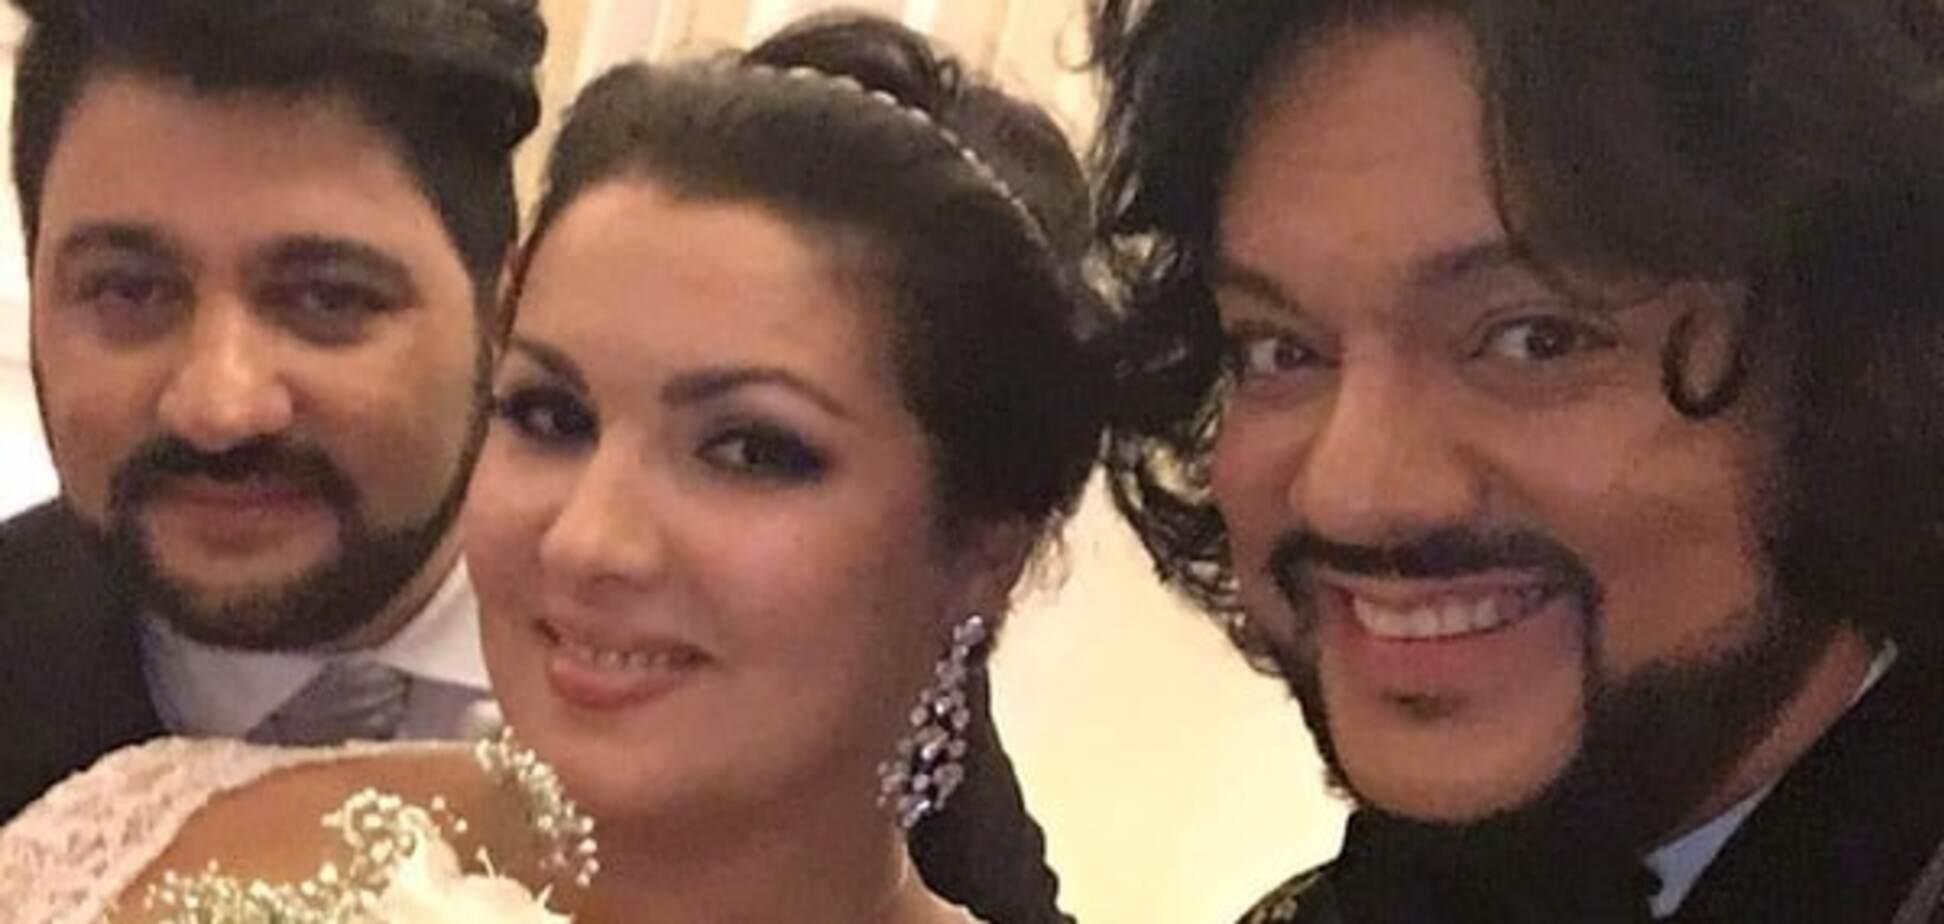 Ціна любові: 'ватниця' Нетребко напередодні весілля підписала шлюбний контракт